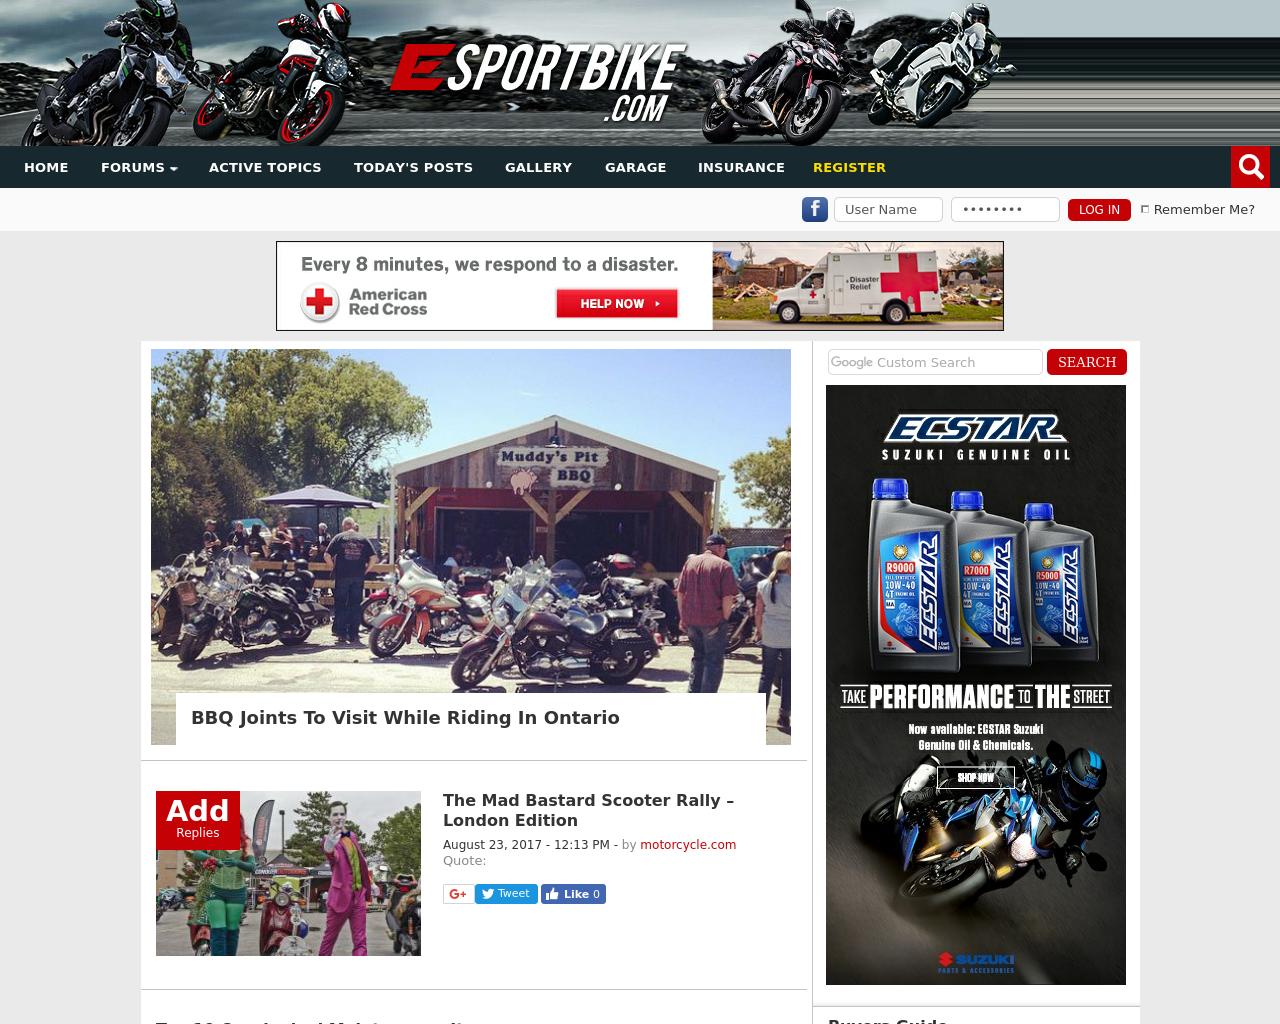 ESportbike.com-Advertising-Reviews-Pricing